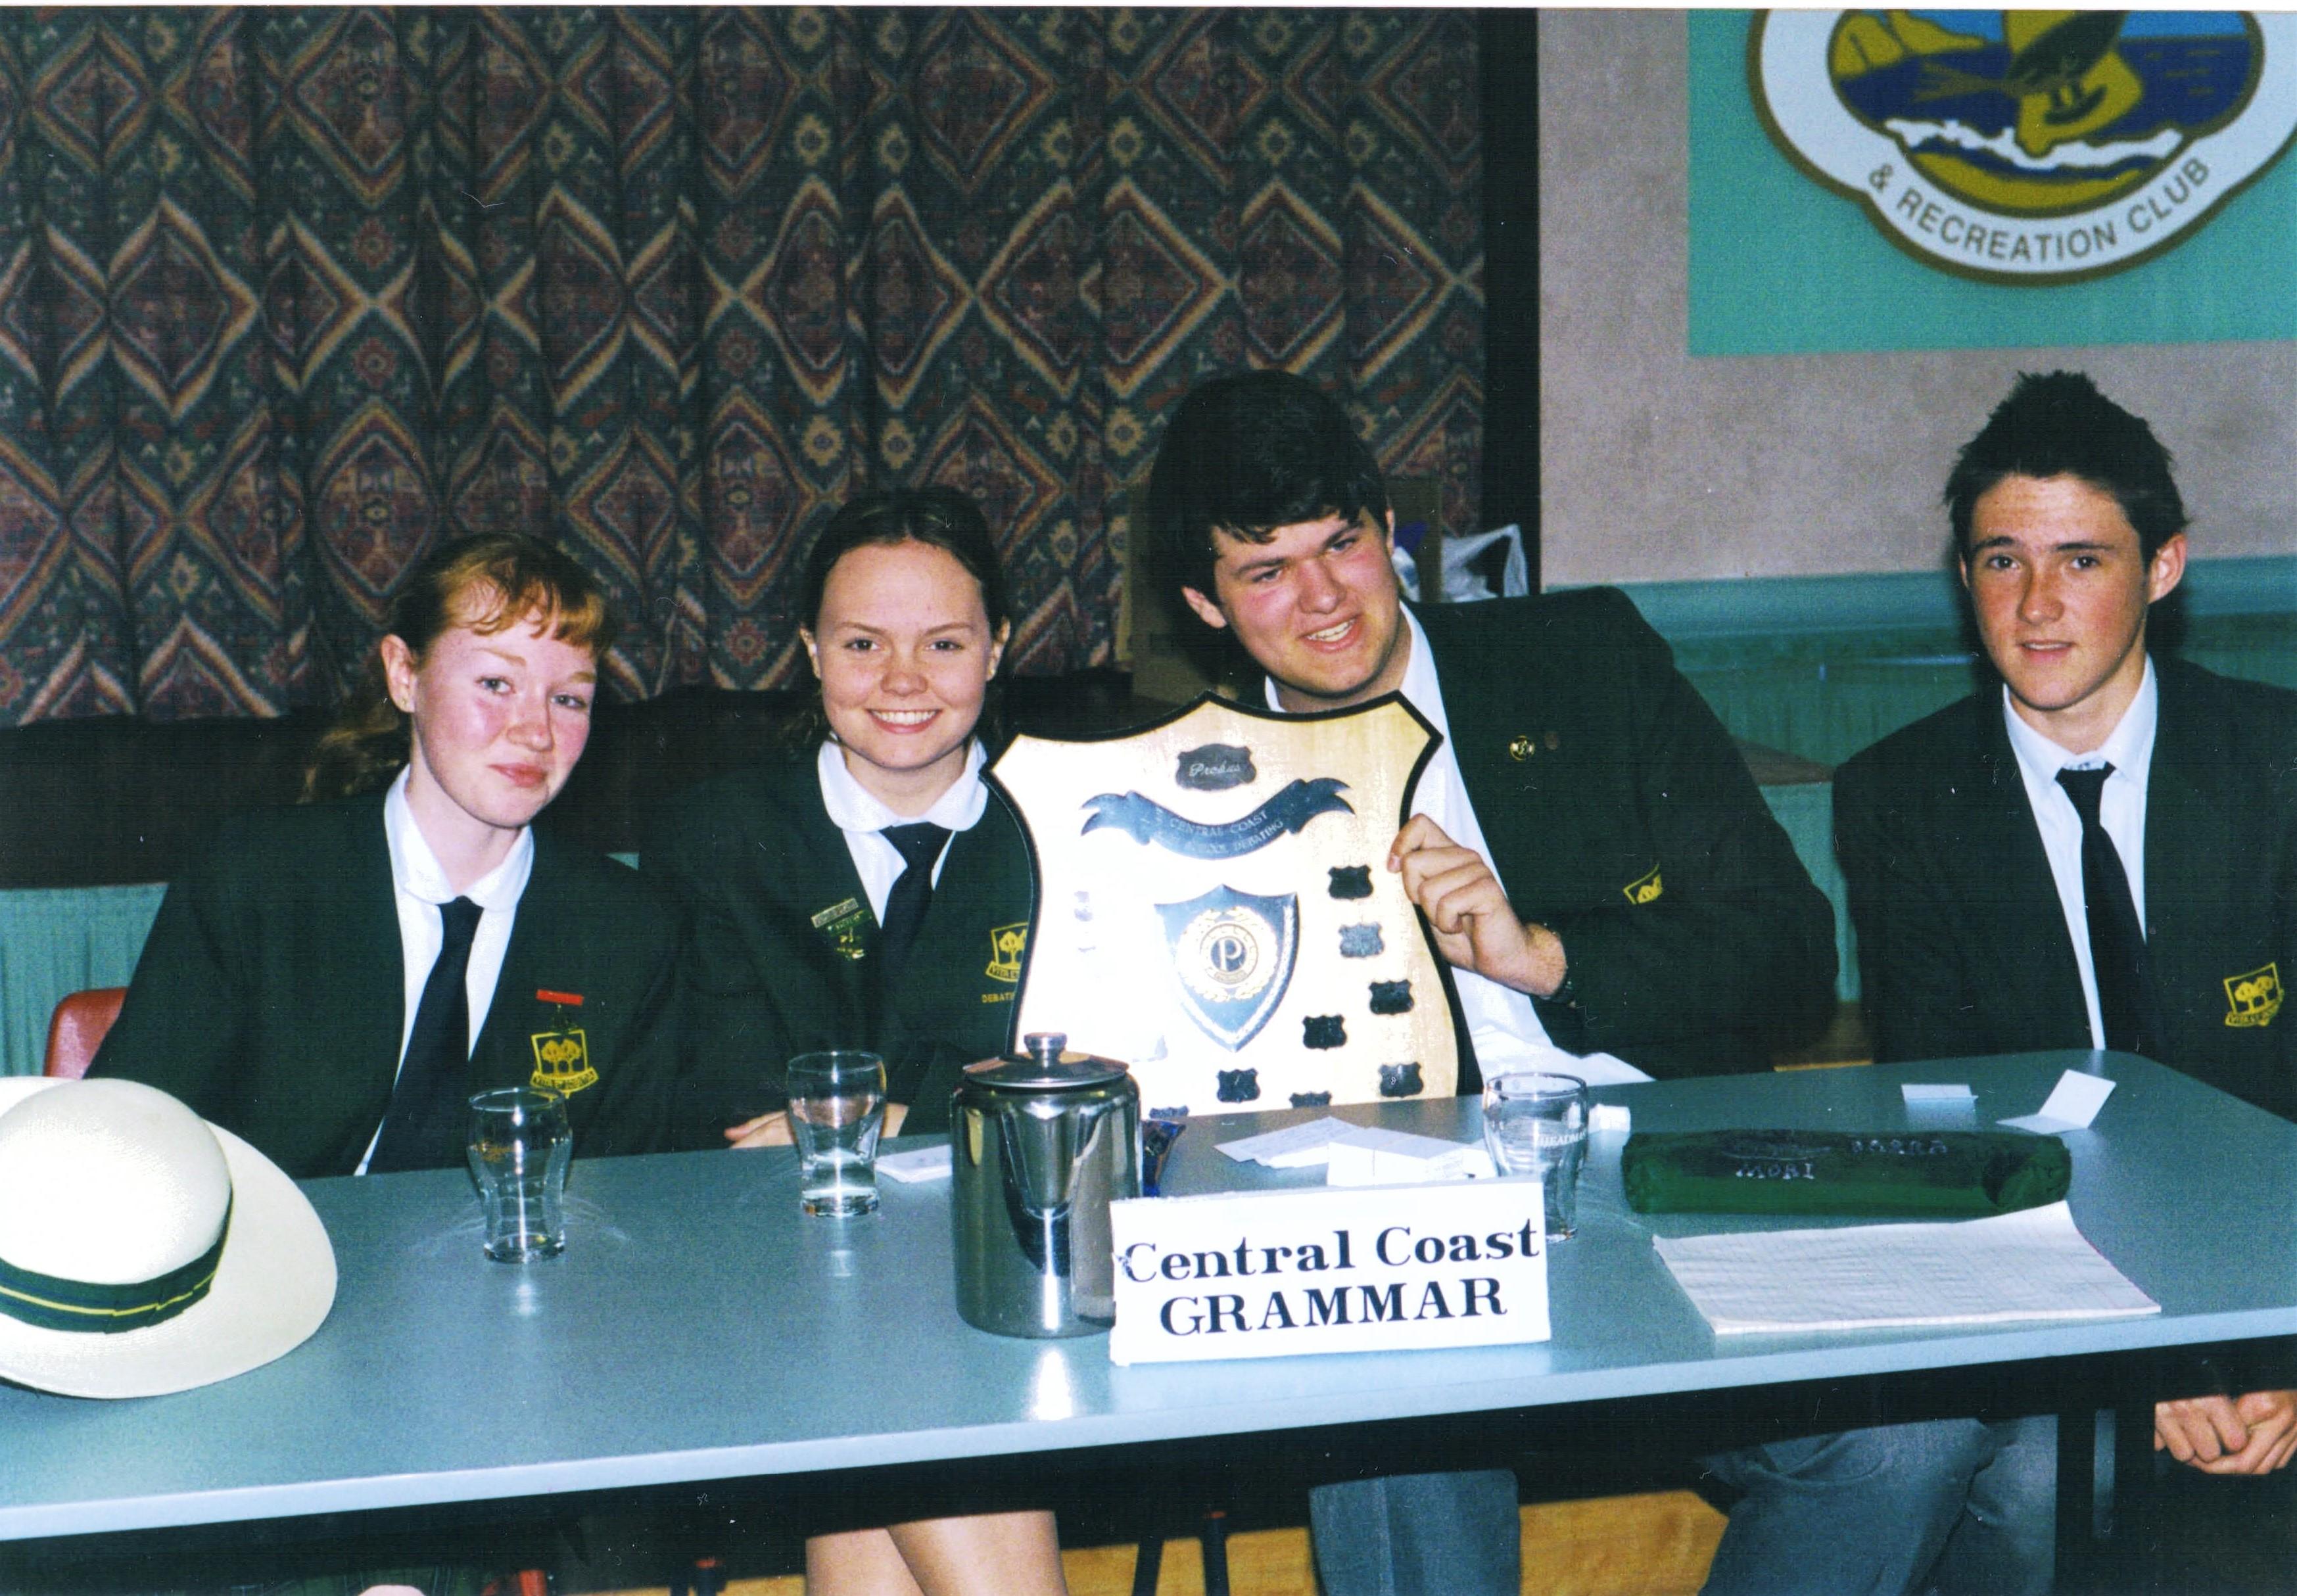 2000 Activities Debate Winners Central C